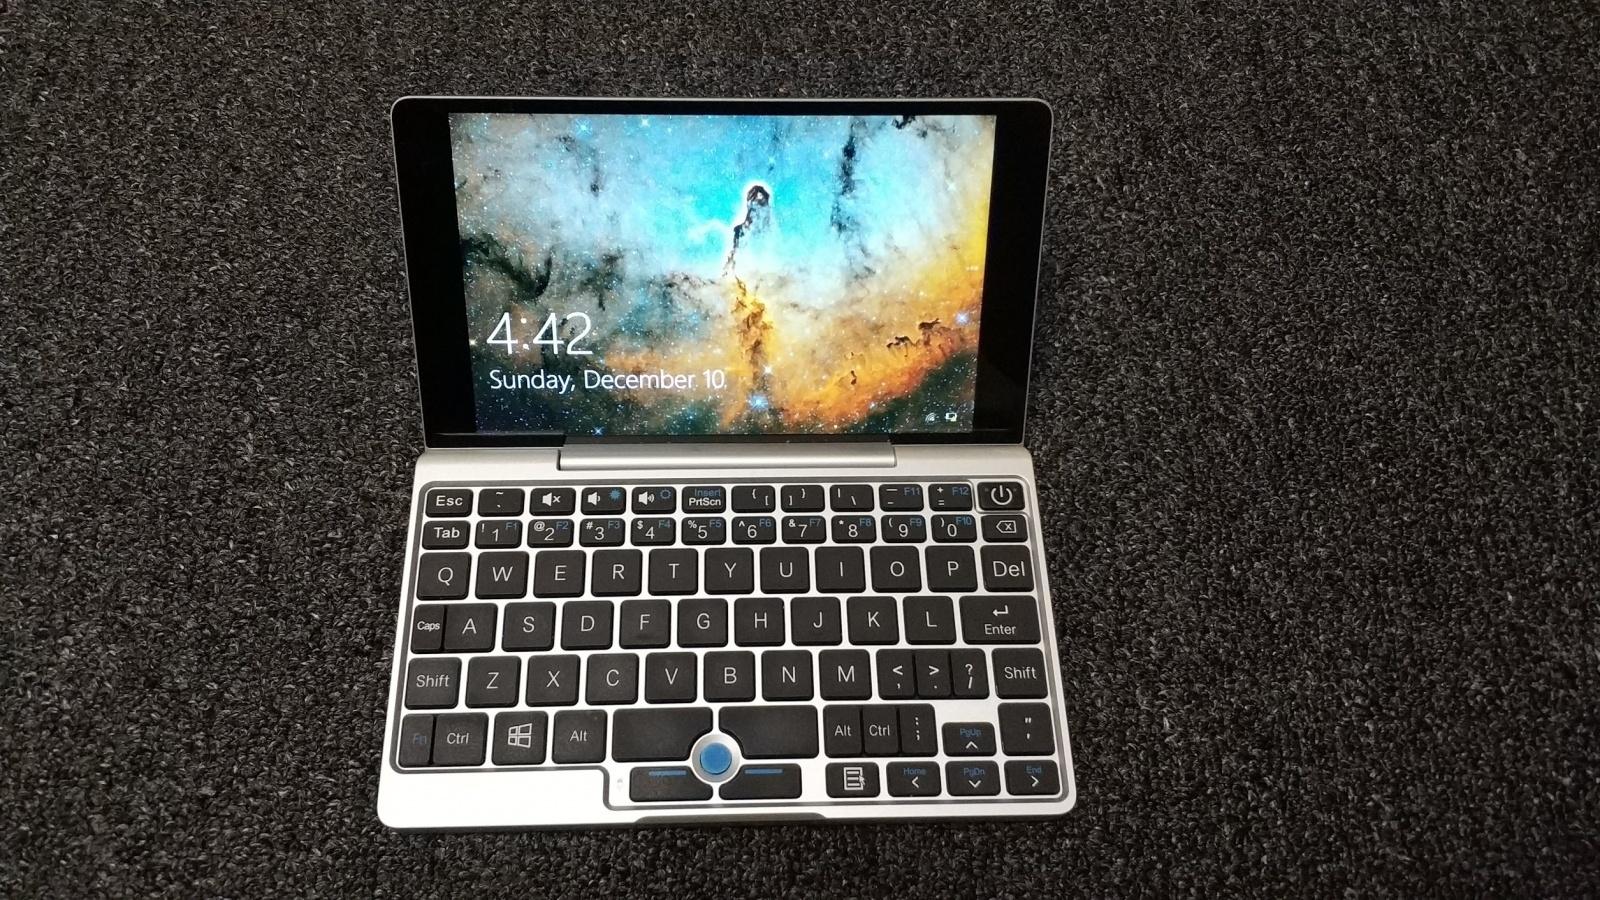 """Обзор миниатюрного 7"""" ноутбук GPD Pocket. Рабочее место сисадмина-программиста в кармане куртки - 6"""